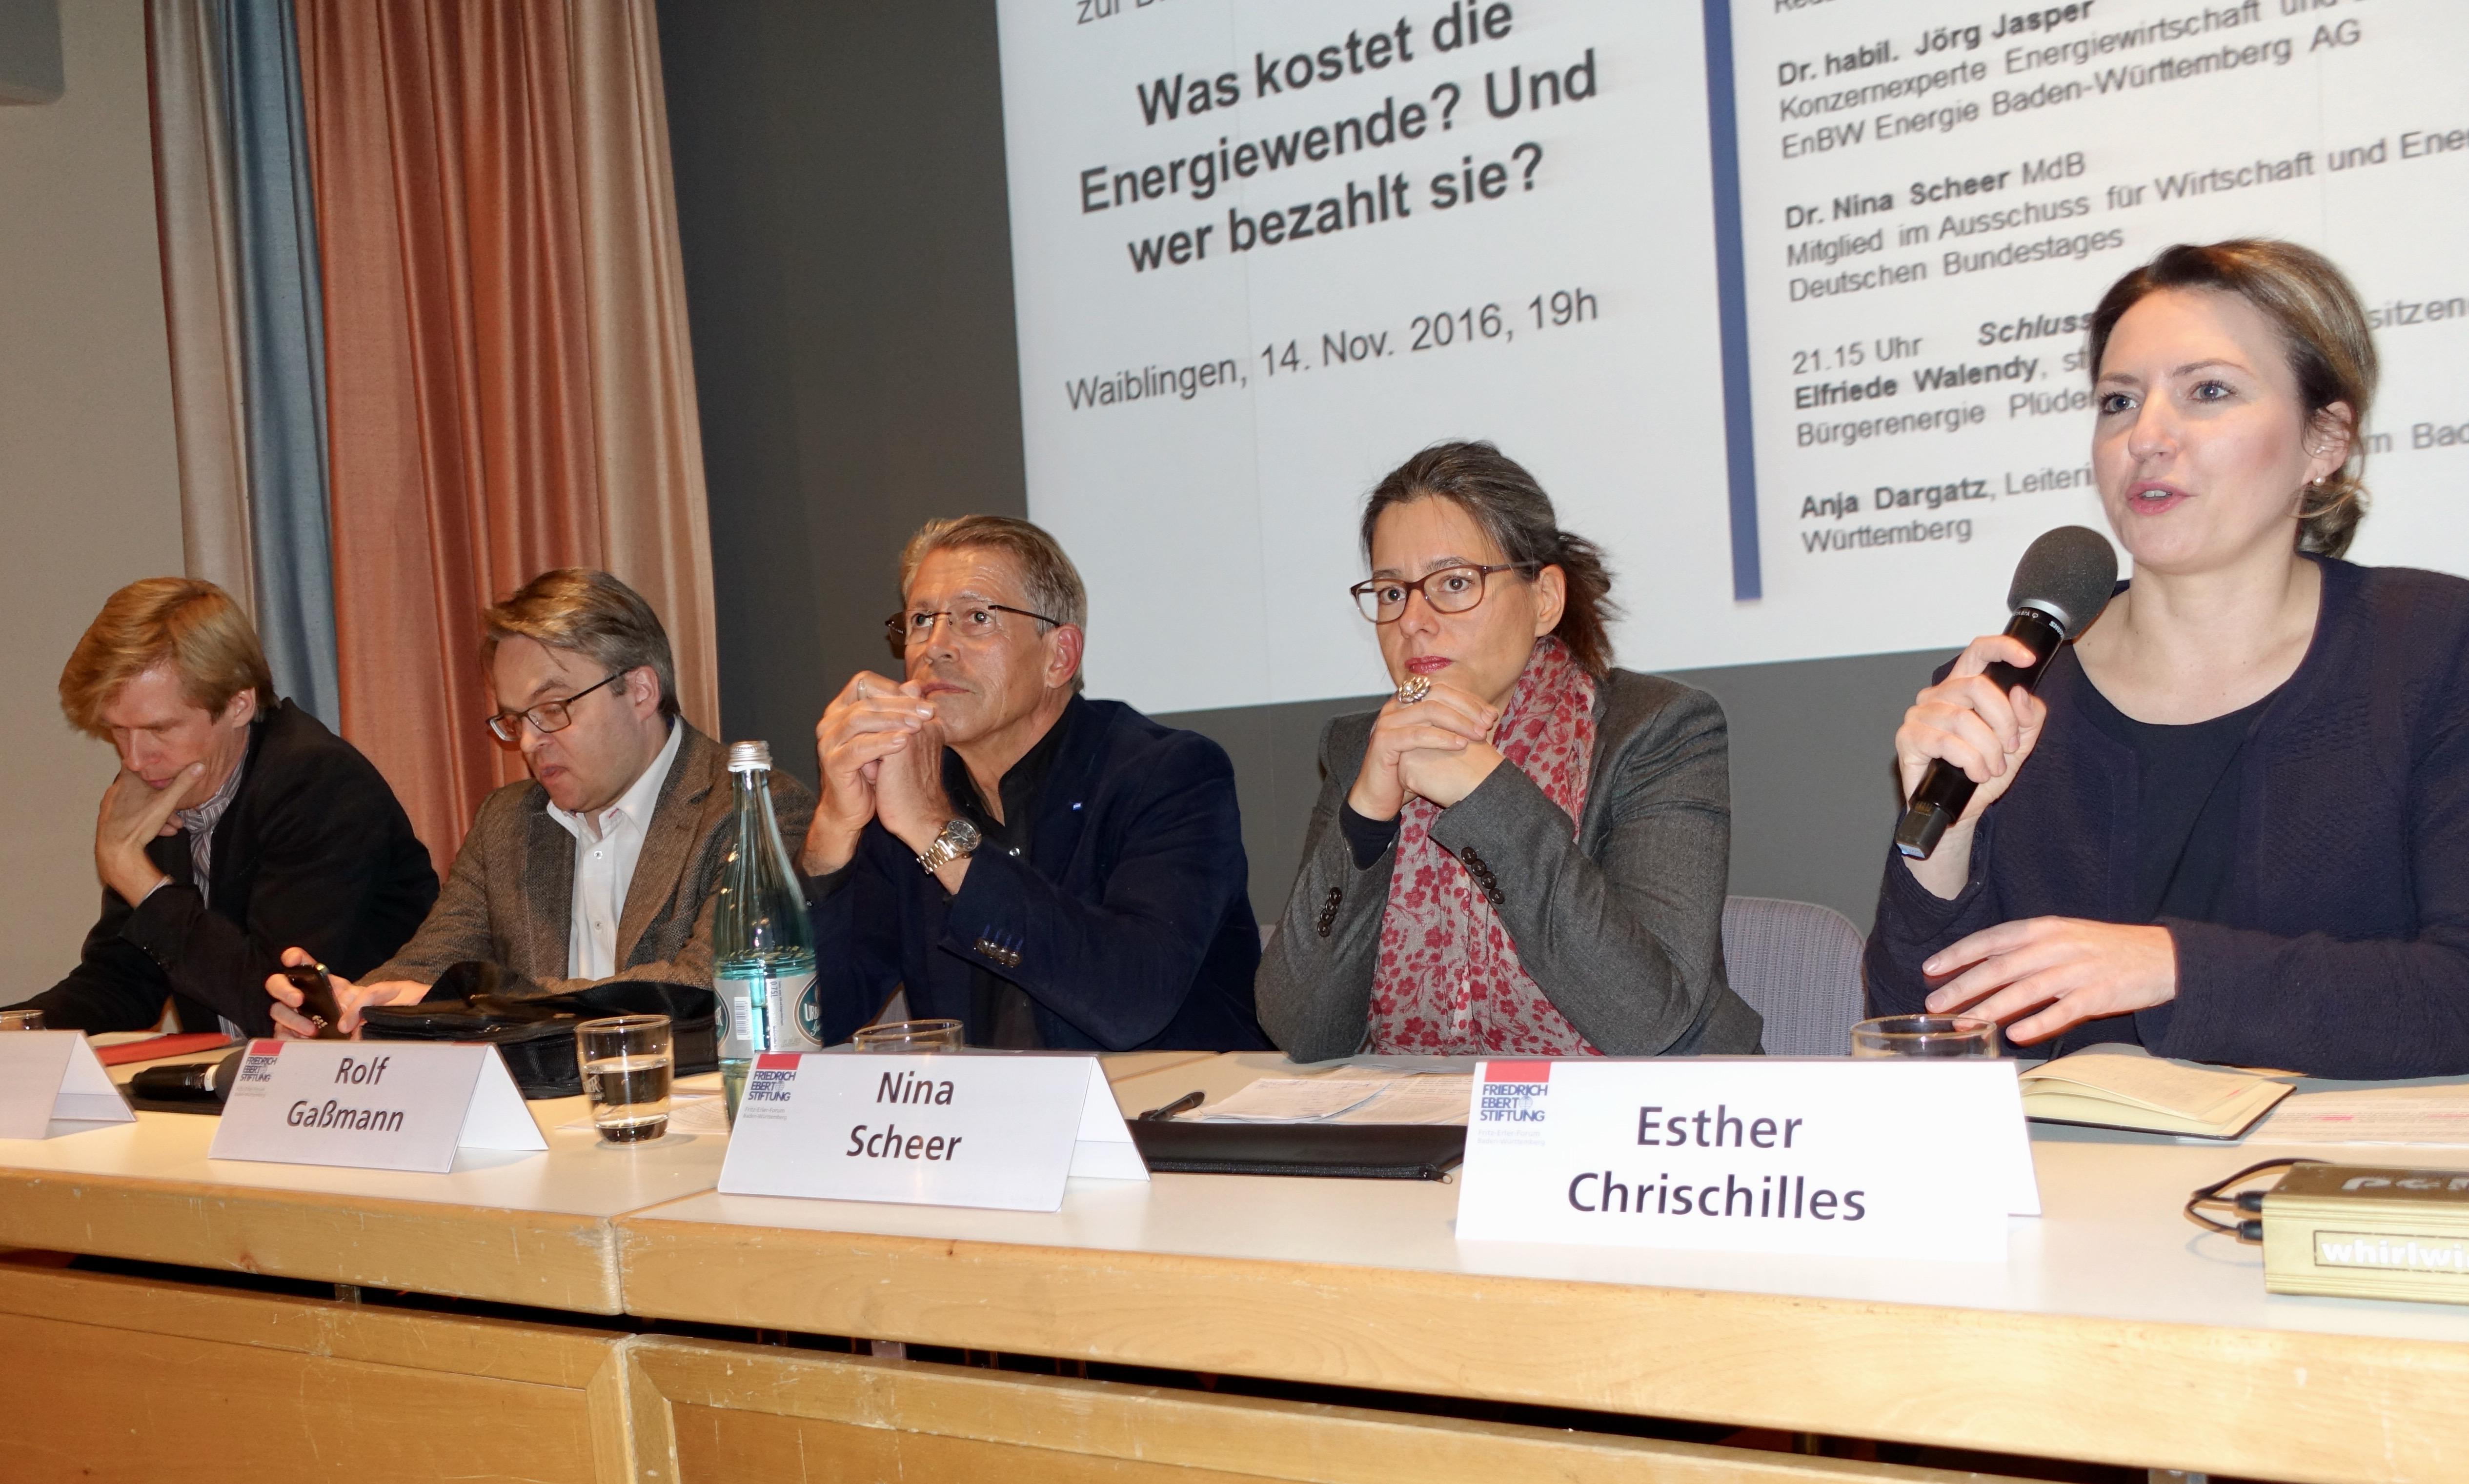 Podiumsteilnehmer v.l.n.r. Malte Kreutzfeldt (taz), Dr. habil. Jörg Jasper (EnBW), Rolf Gaßmann (Moderator), Dr. Nina Scheer (MdB) und Esther Chrischilles (Instiitut der dt. Wirtscha´ft)